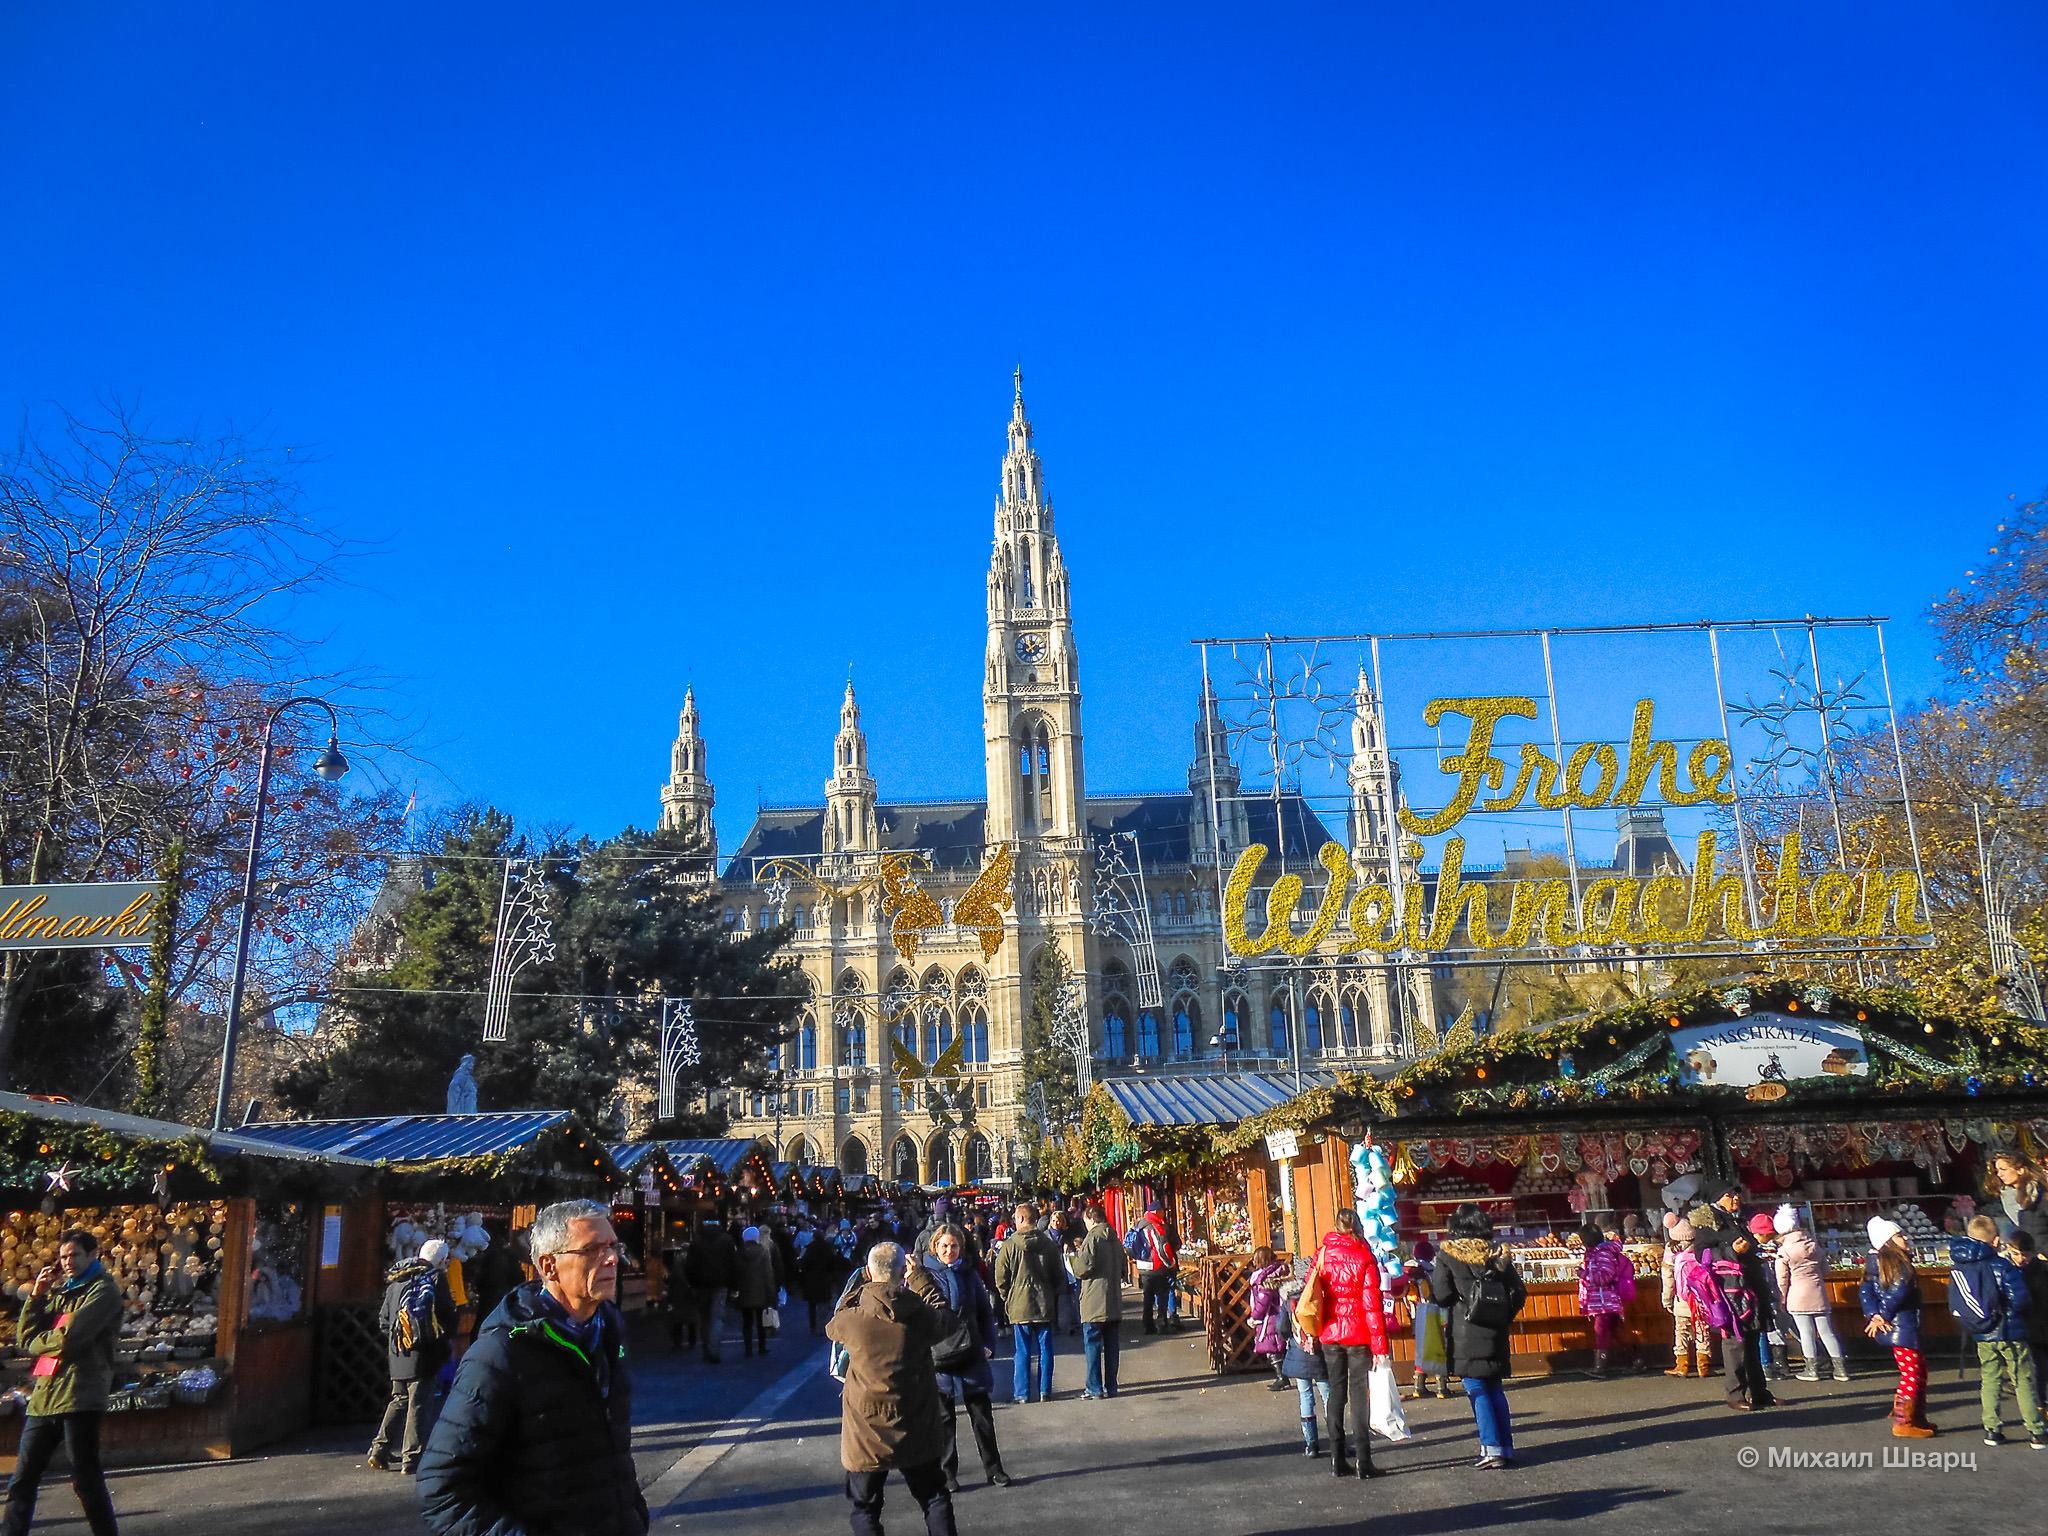 Прогулка по Рождественским ярмаркам Вены